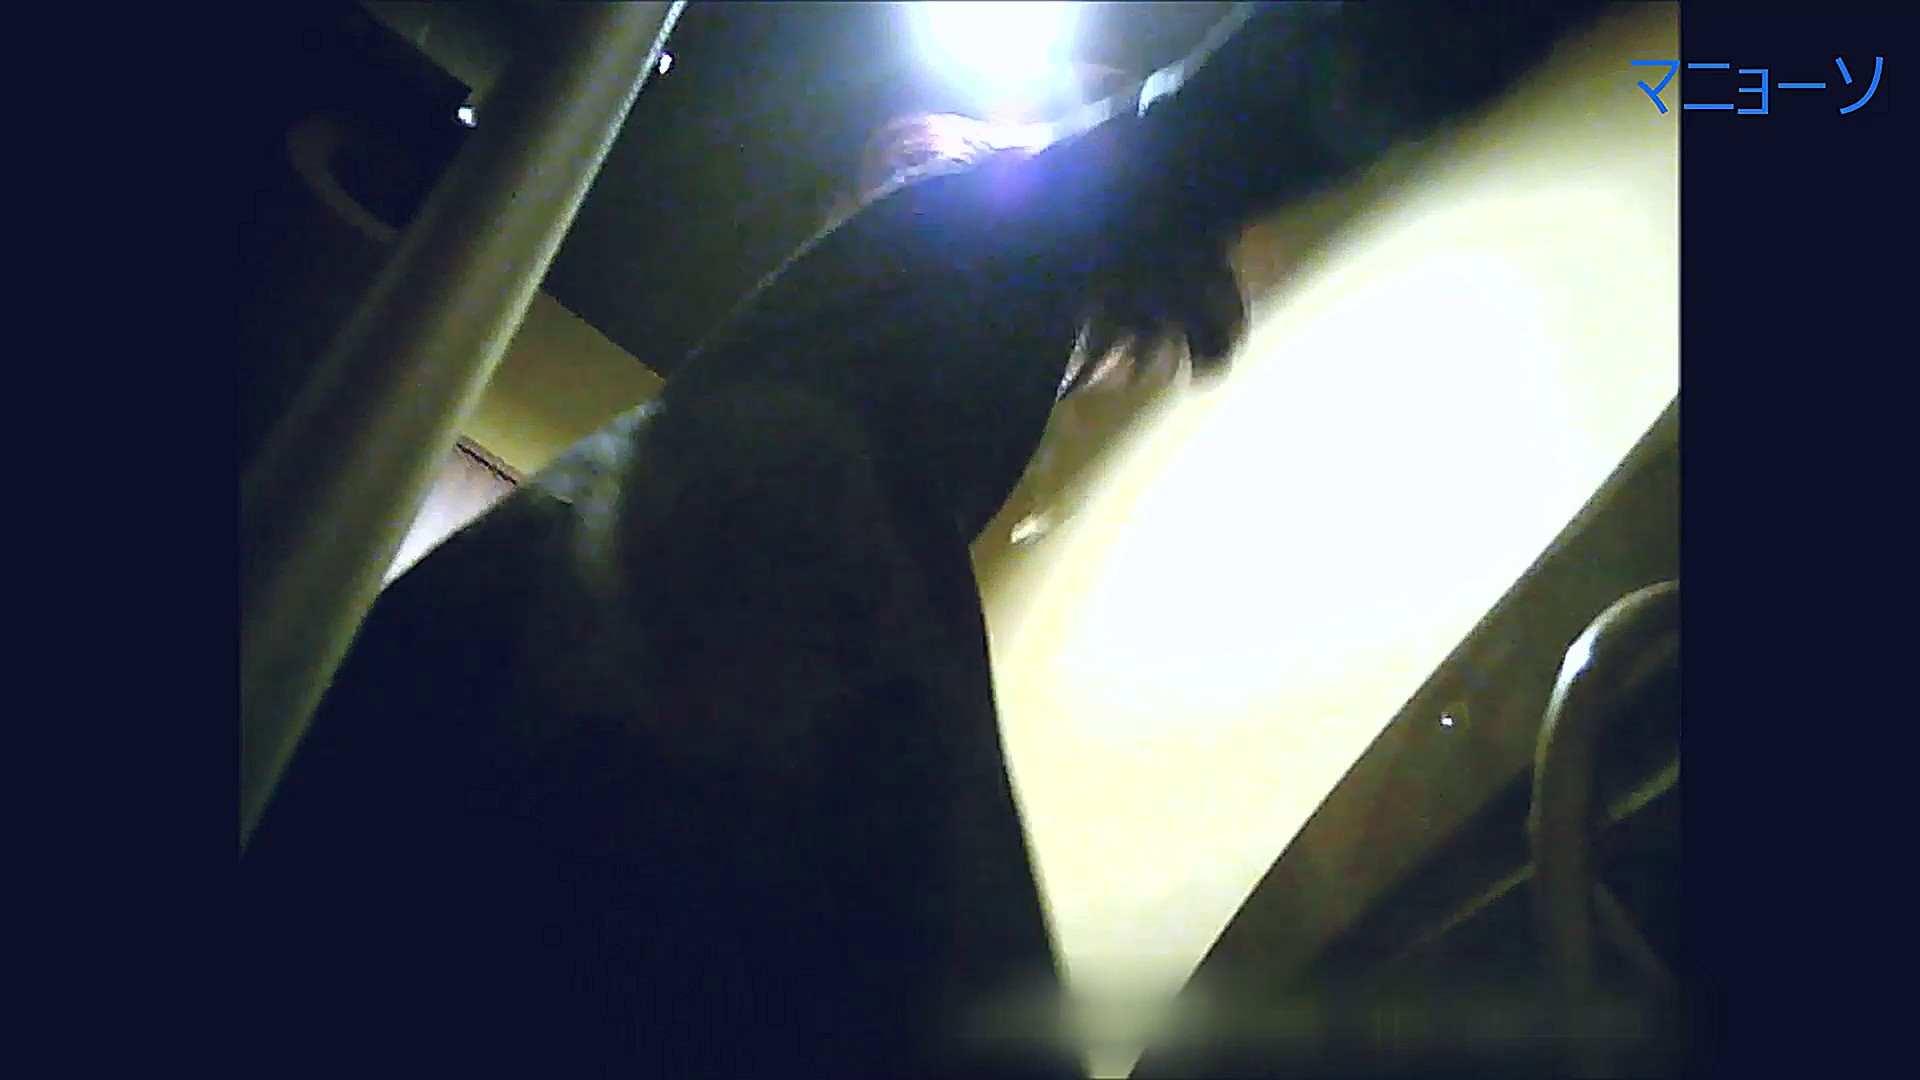 トイレでひと肌脱いでもらいました (OL編)Vol.14 OLの実態  72pic 36